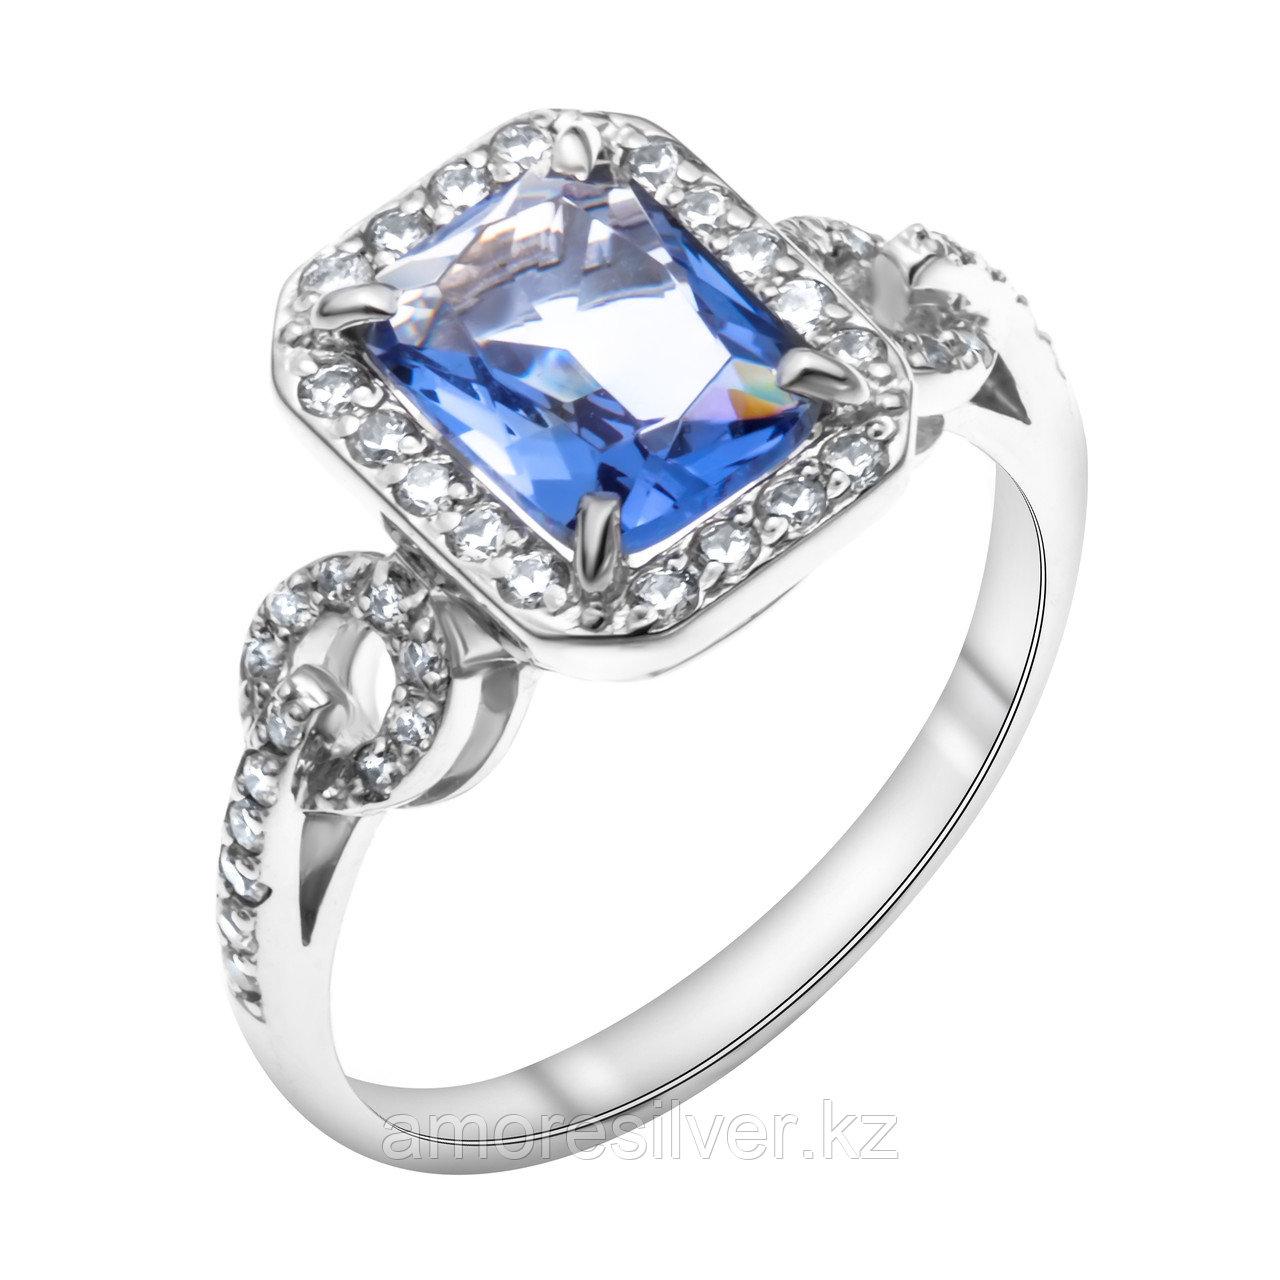 """Кольцо TEOSA серебро с родием, фианит, """"halo"""" 100-747-TAN размеры - 17,5"""